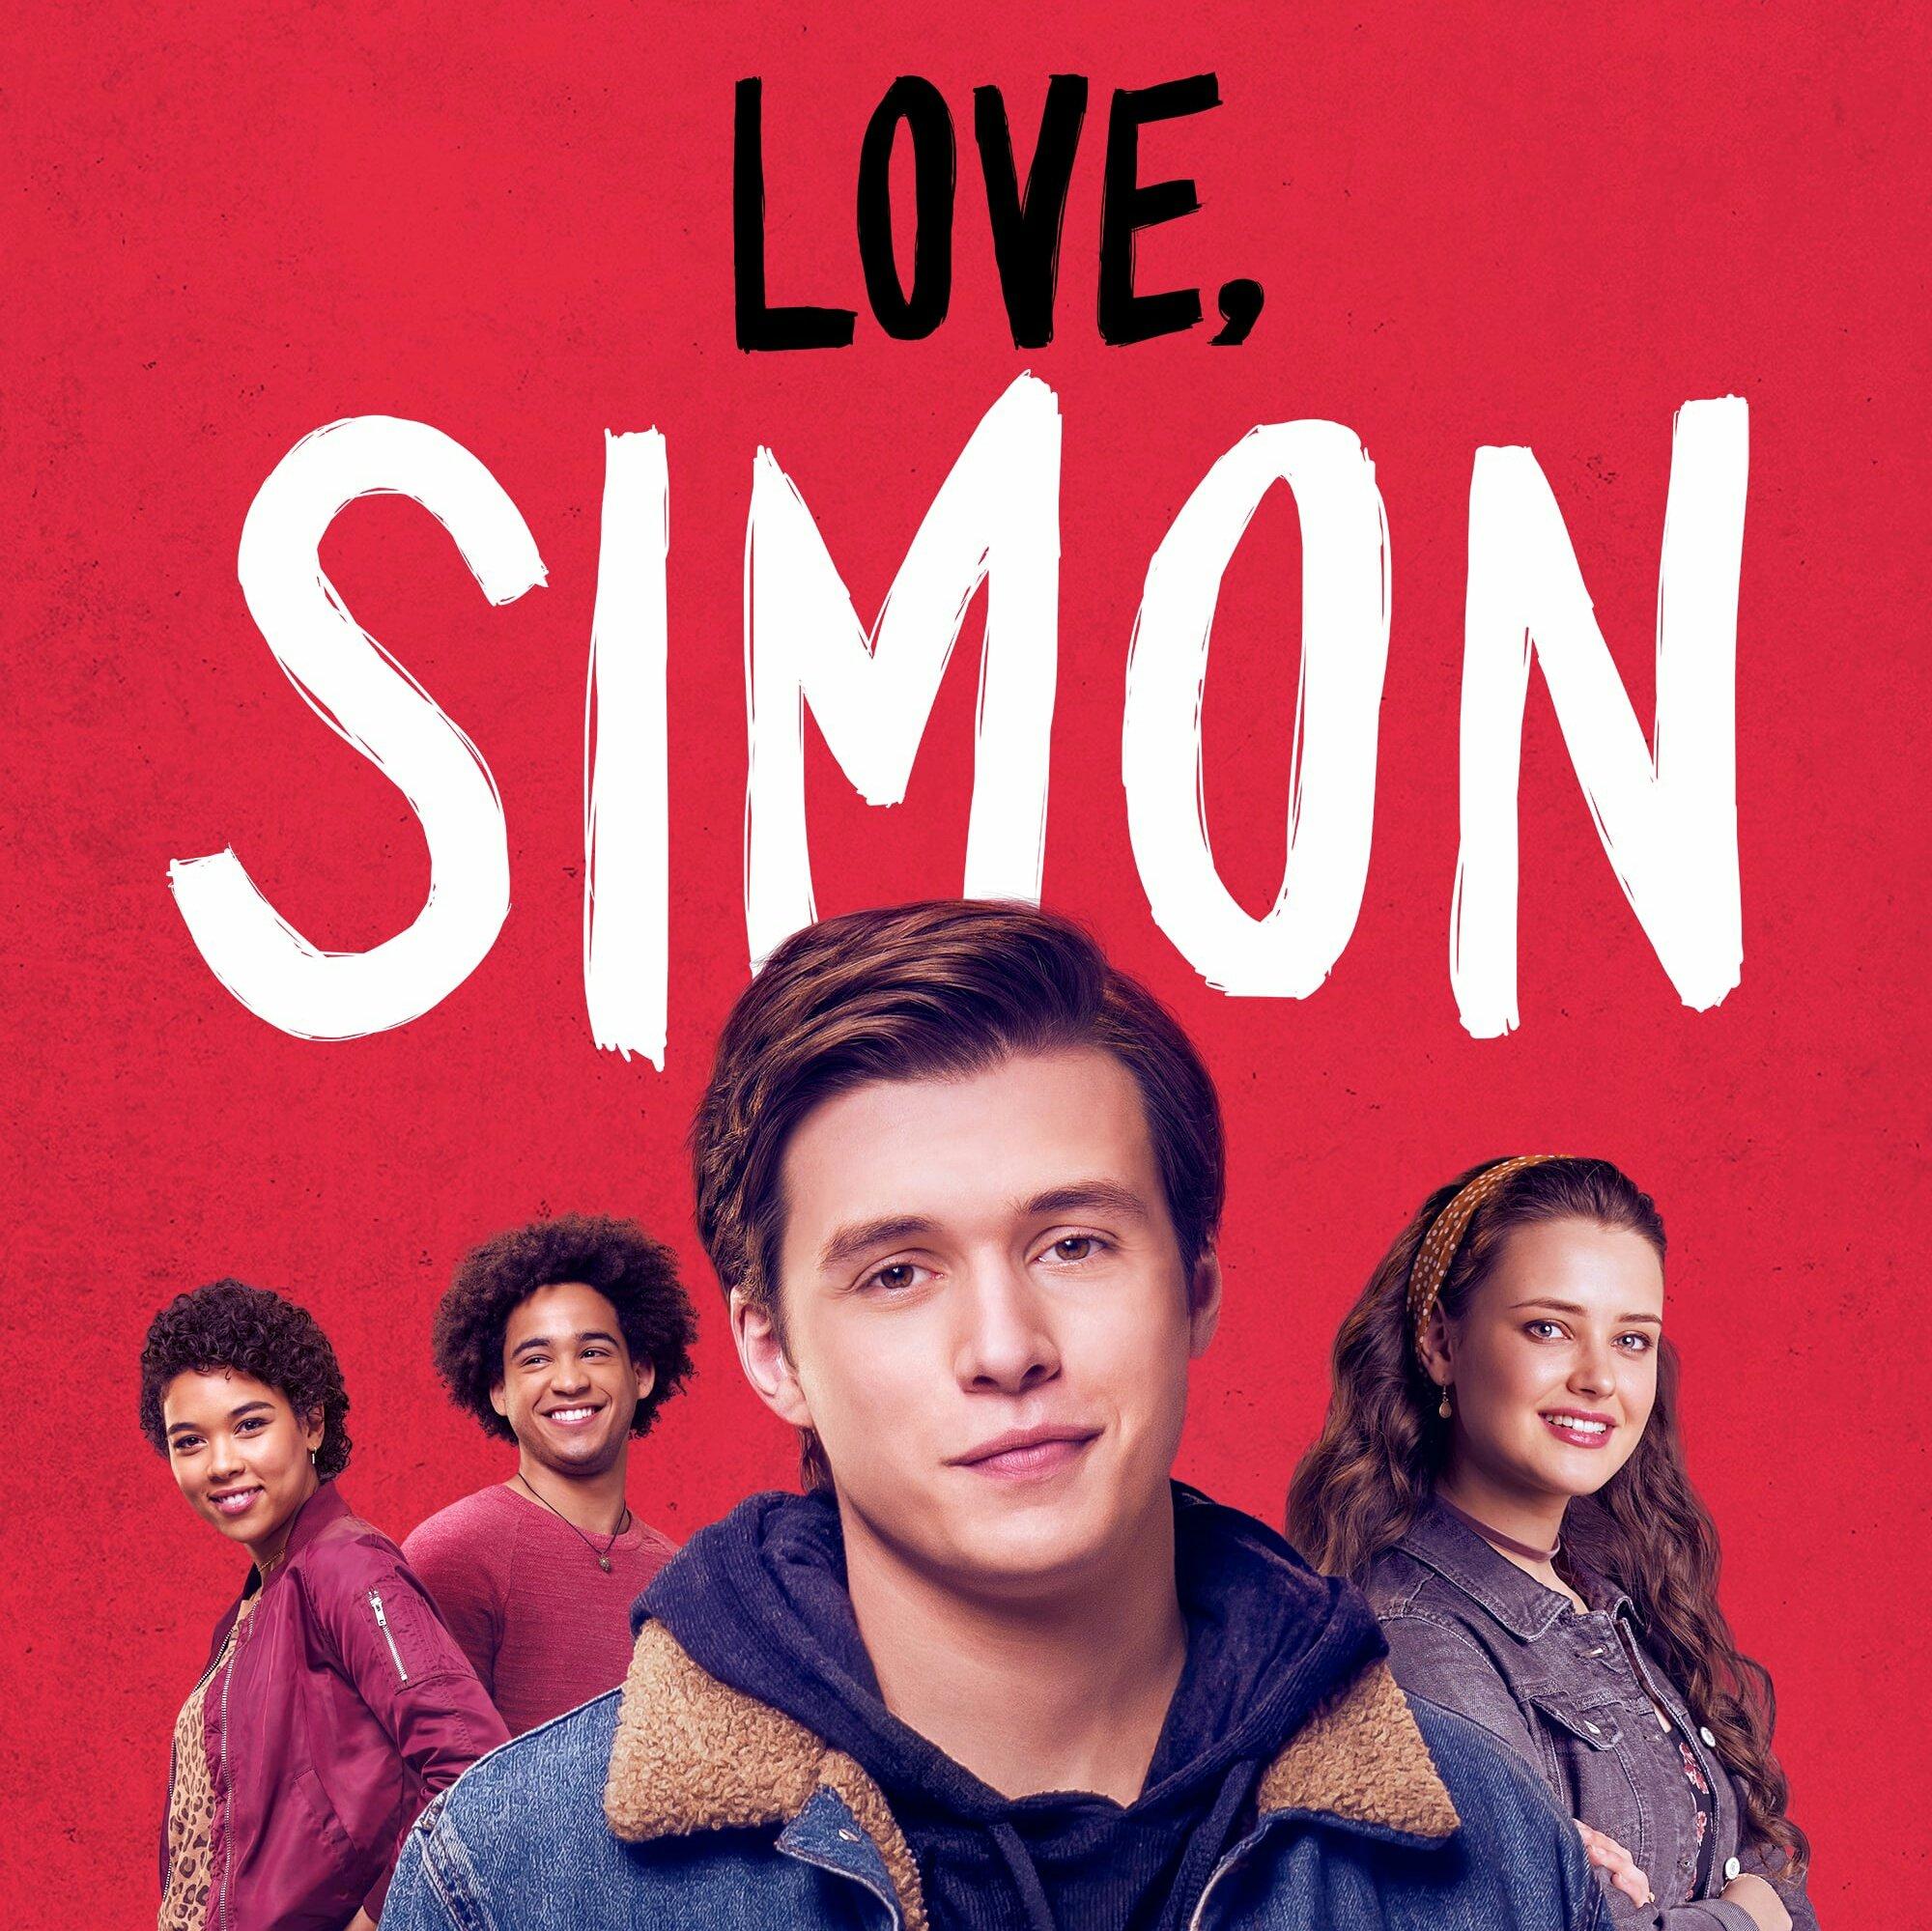 Który film wolisz?  #RT Twój Simon #FAV Do wszystkich chłopców, których kochałam https://t.co/FV24rUfmGd